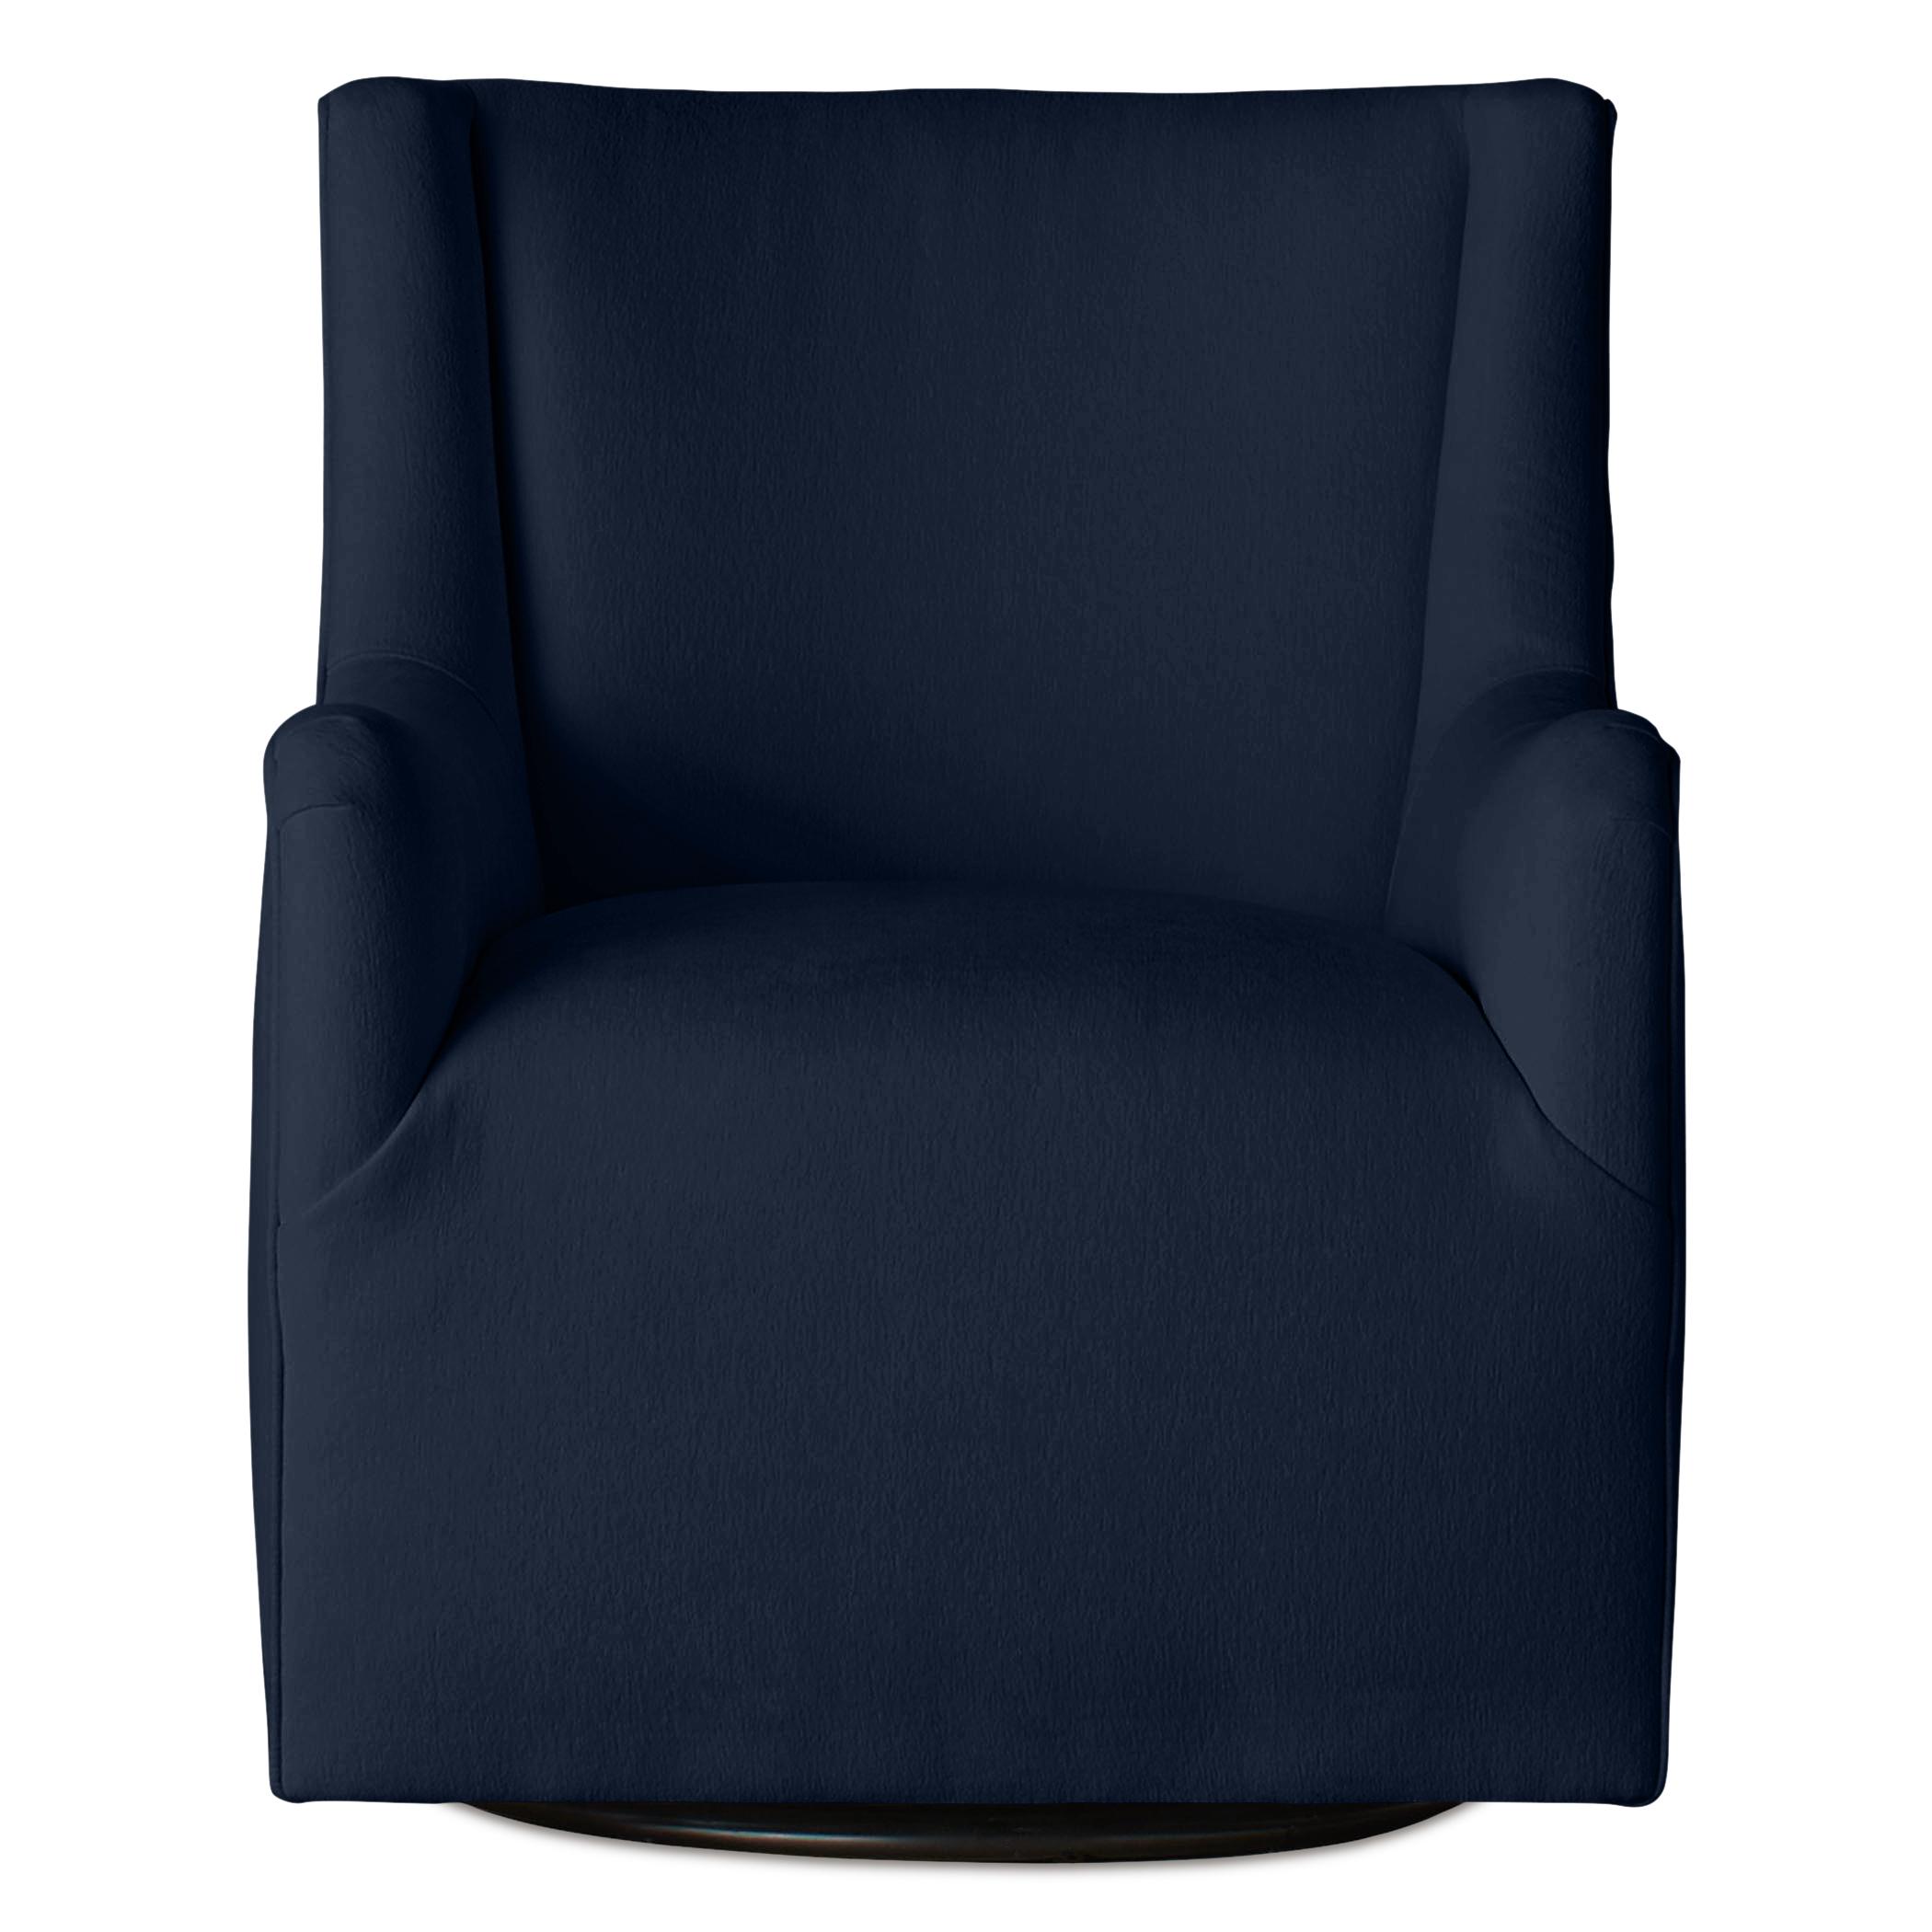 Aspen Swivel Chair